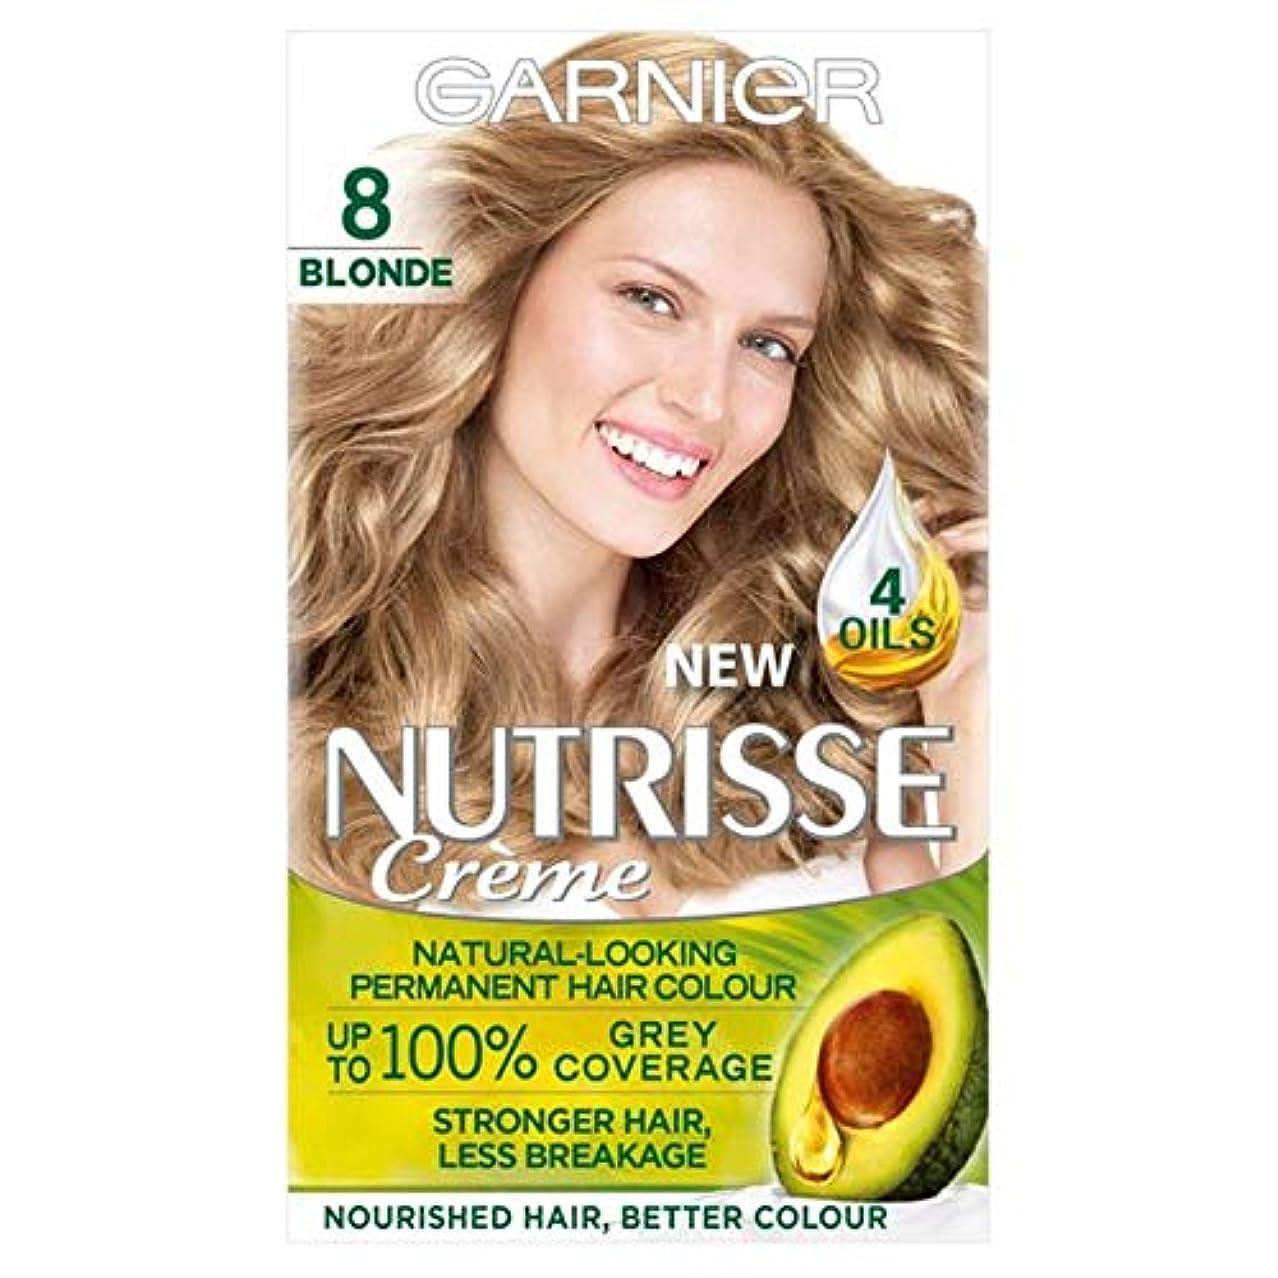 ポール地域の放映[Nutrisse] 8ブロンドの永久染毛剤Nutrisseガルニエ - Garnier Nutrisse 8 Blonde Permanent Hair Dye [並行輸入品]